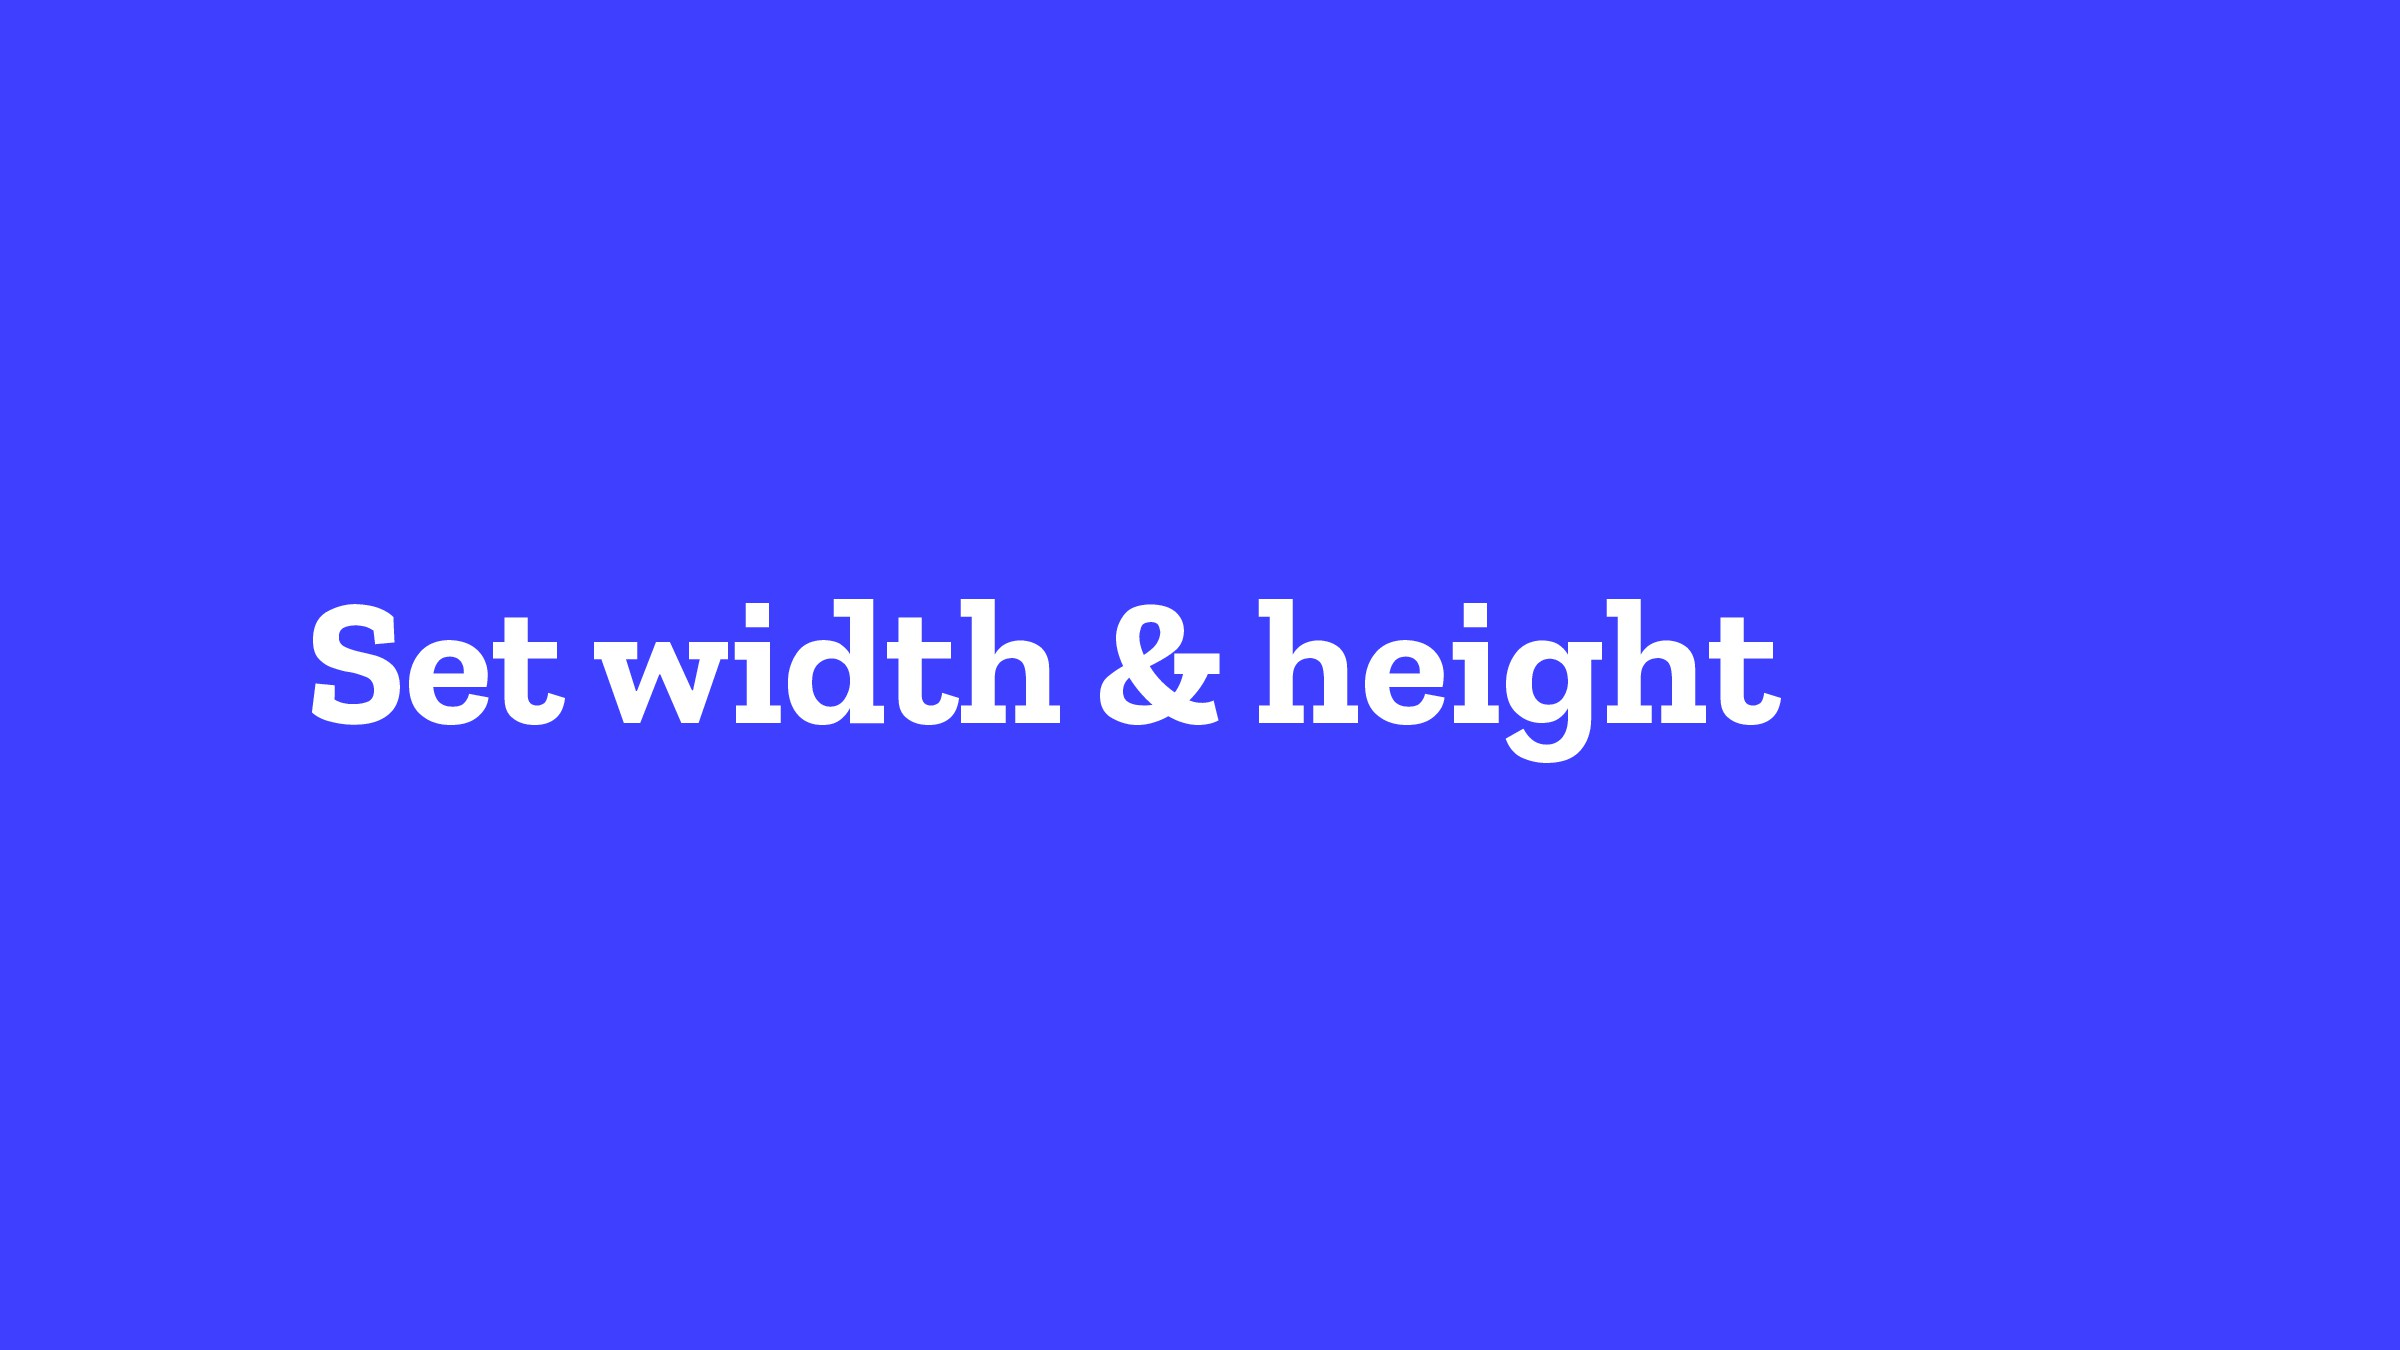 Set width & height